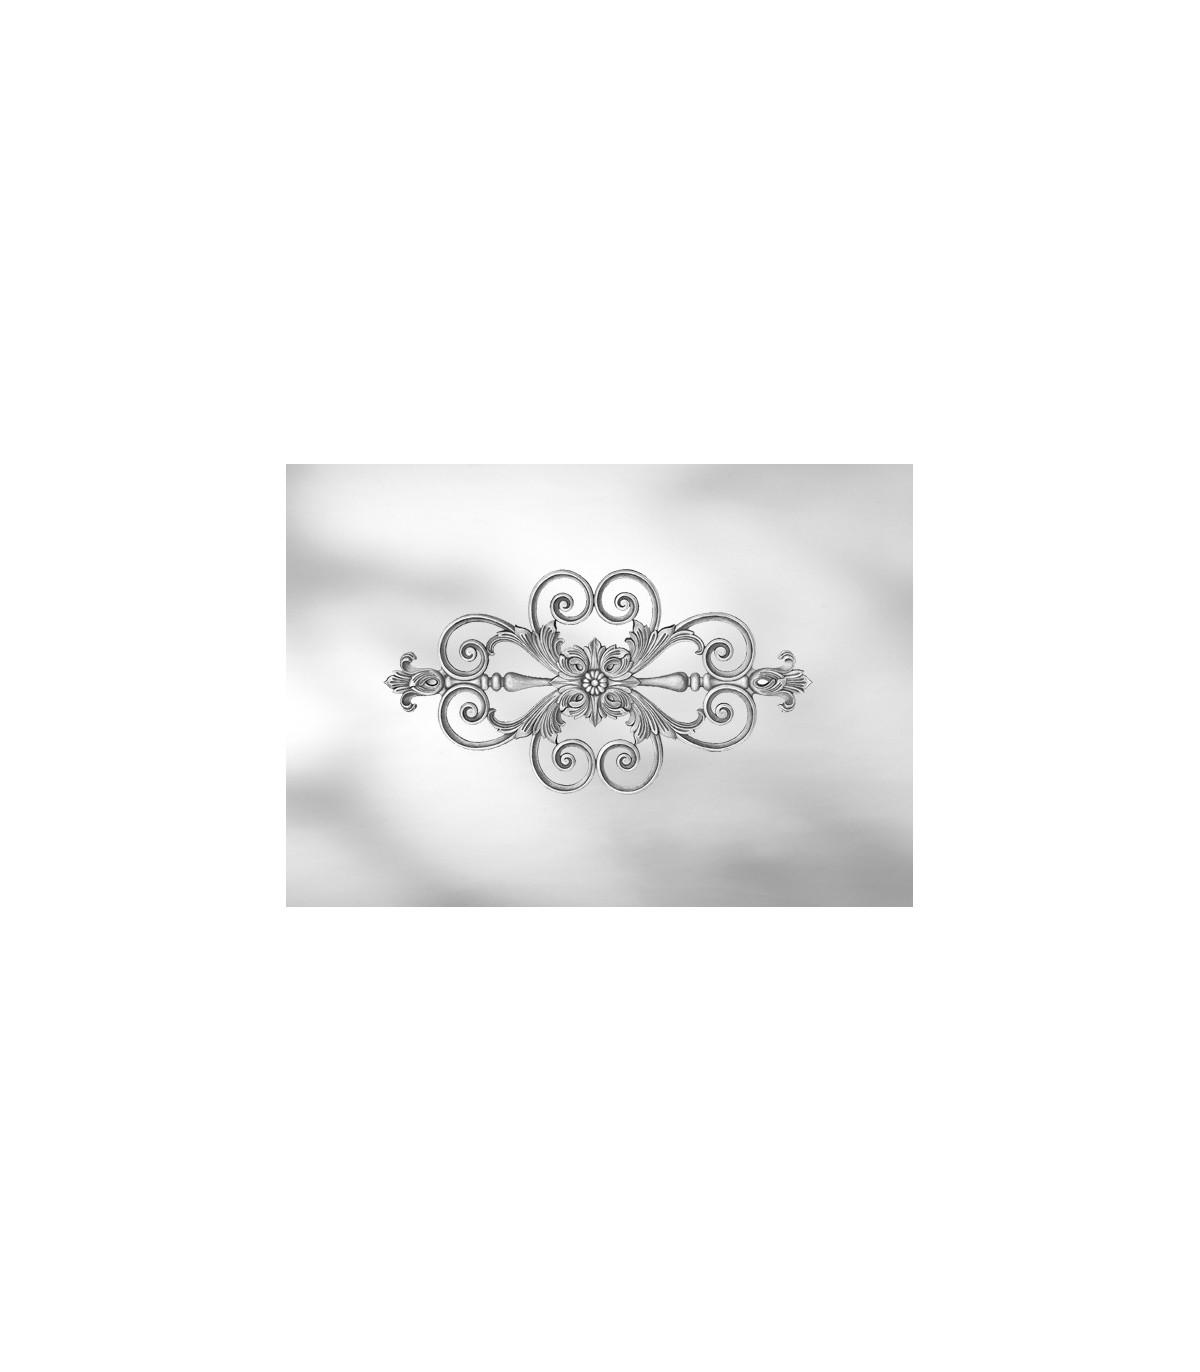 Feuille De Zinc Pour Cuisine elément décoratif simple face feuille d'acanthe